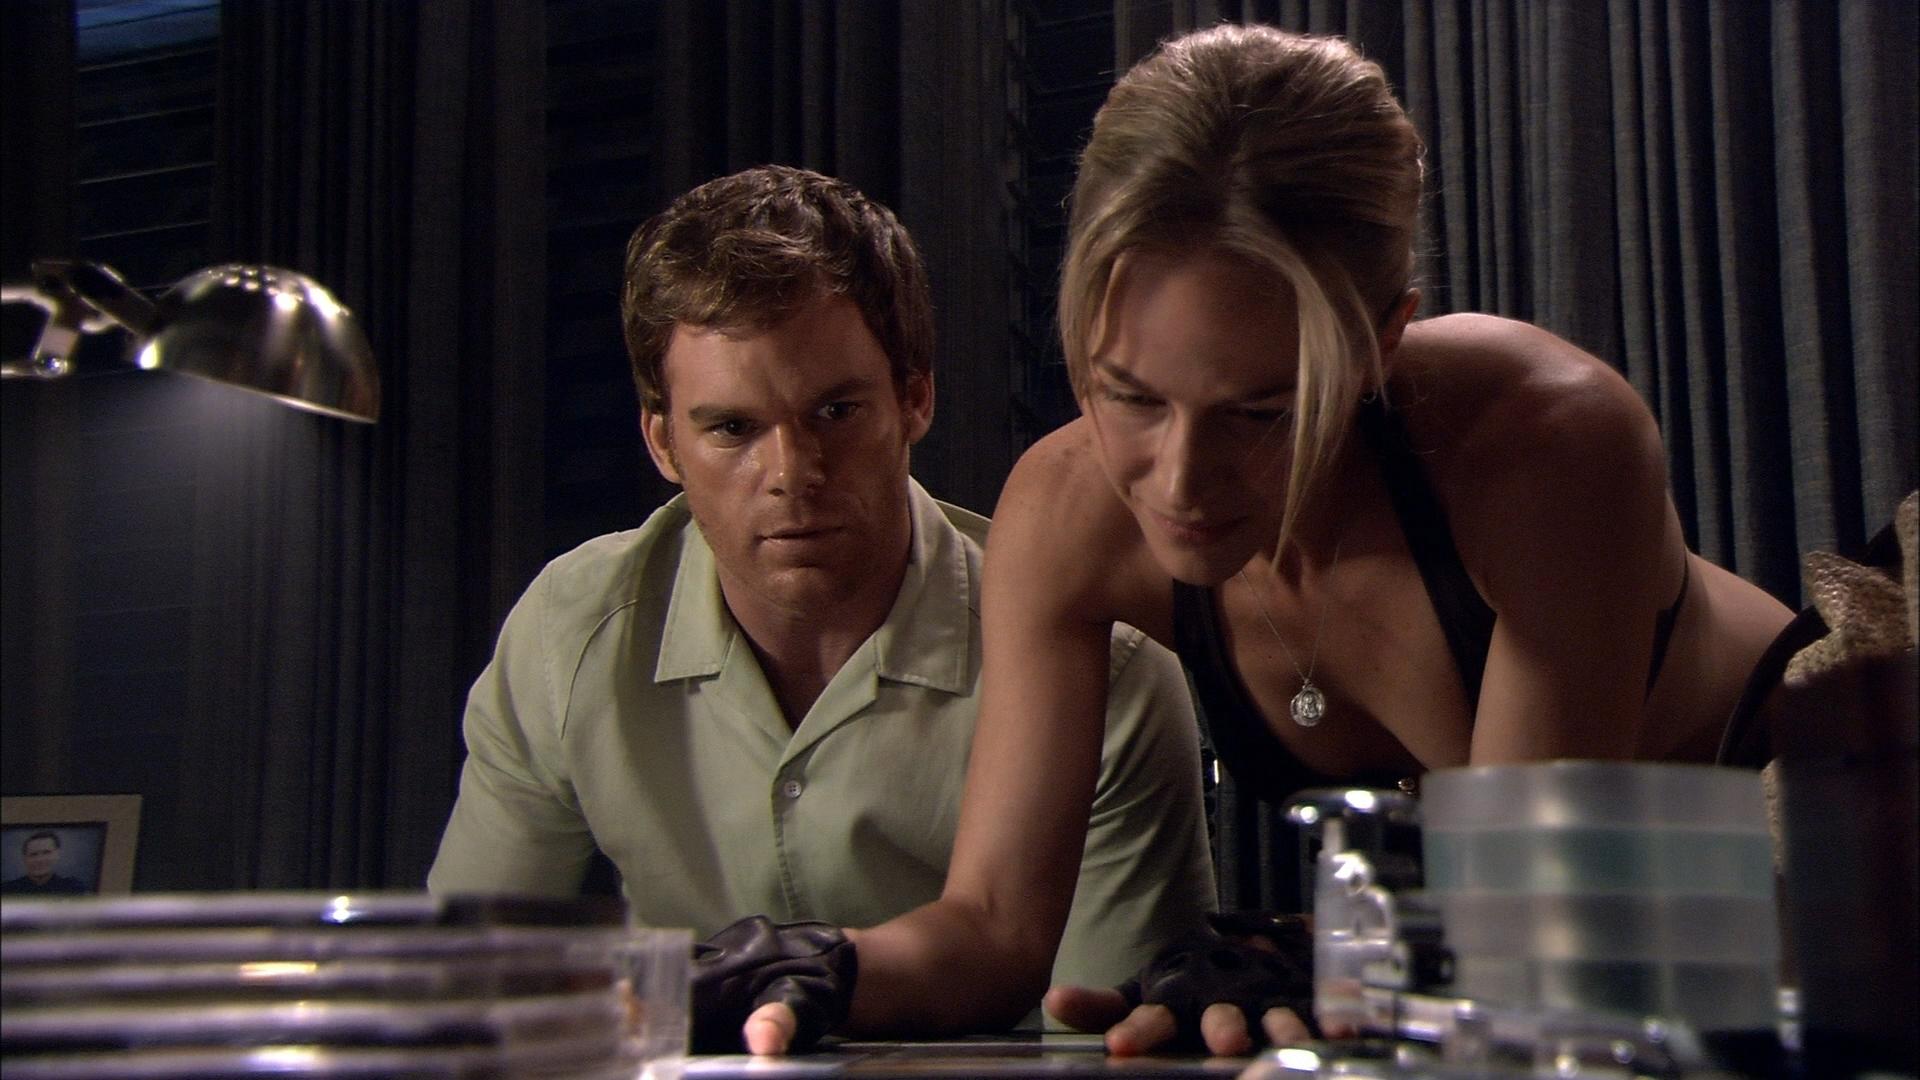 Screen-Shot-4-Dexter-and-Rita-dexter-7292751-1920-1080.jpg